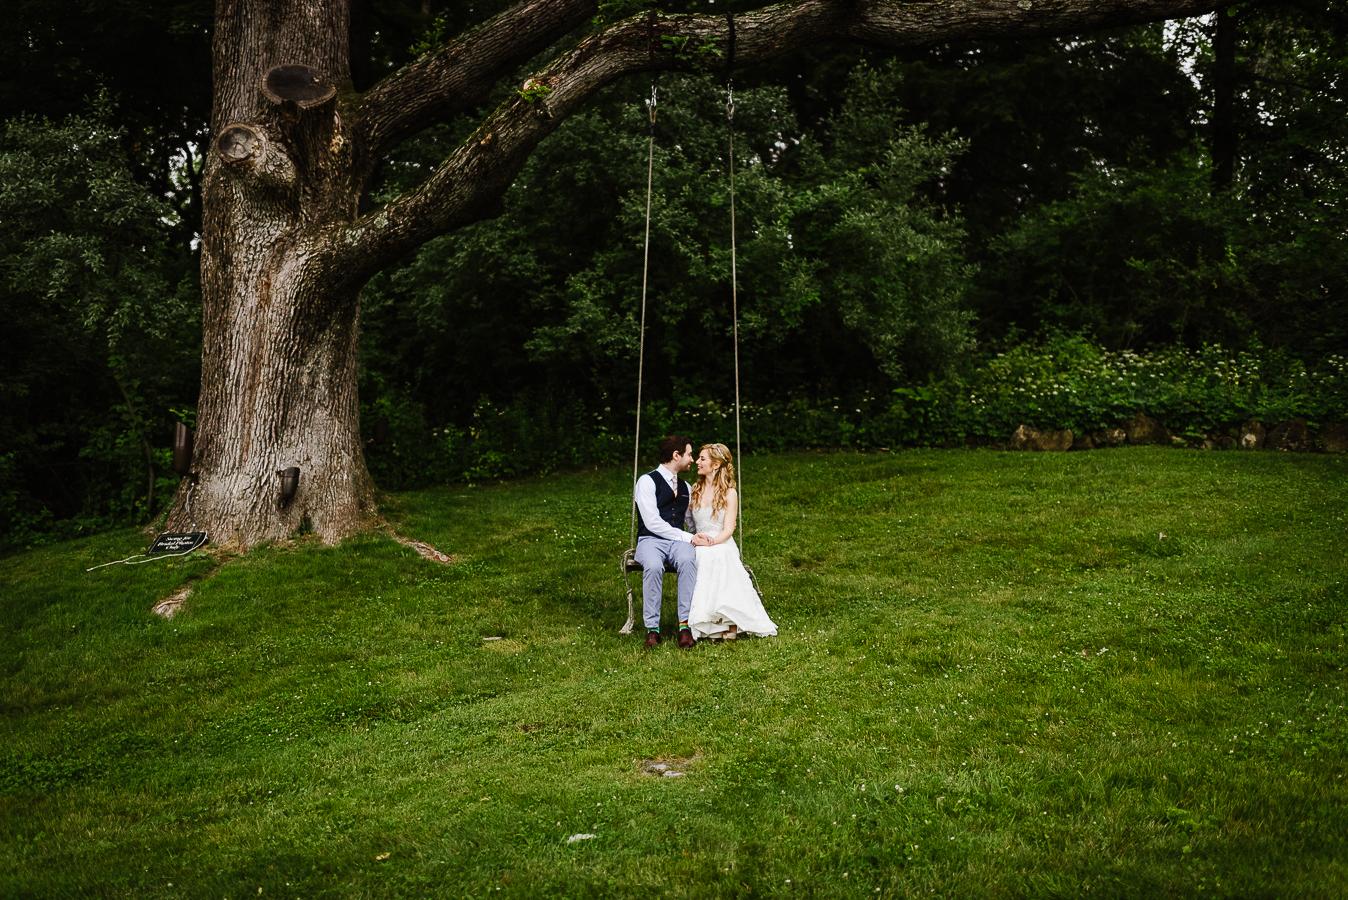 Stylish Crossed Keys Inn Wedding Crossed Keys Wedding Crossed Keys Inn Andover NJ Longbrook Photography-68.jpg